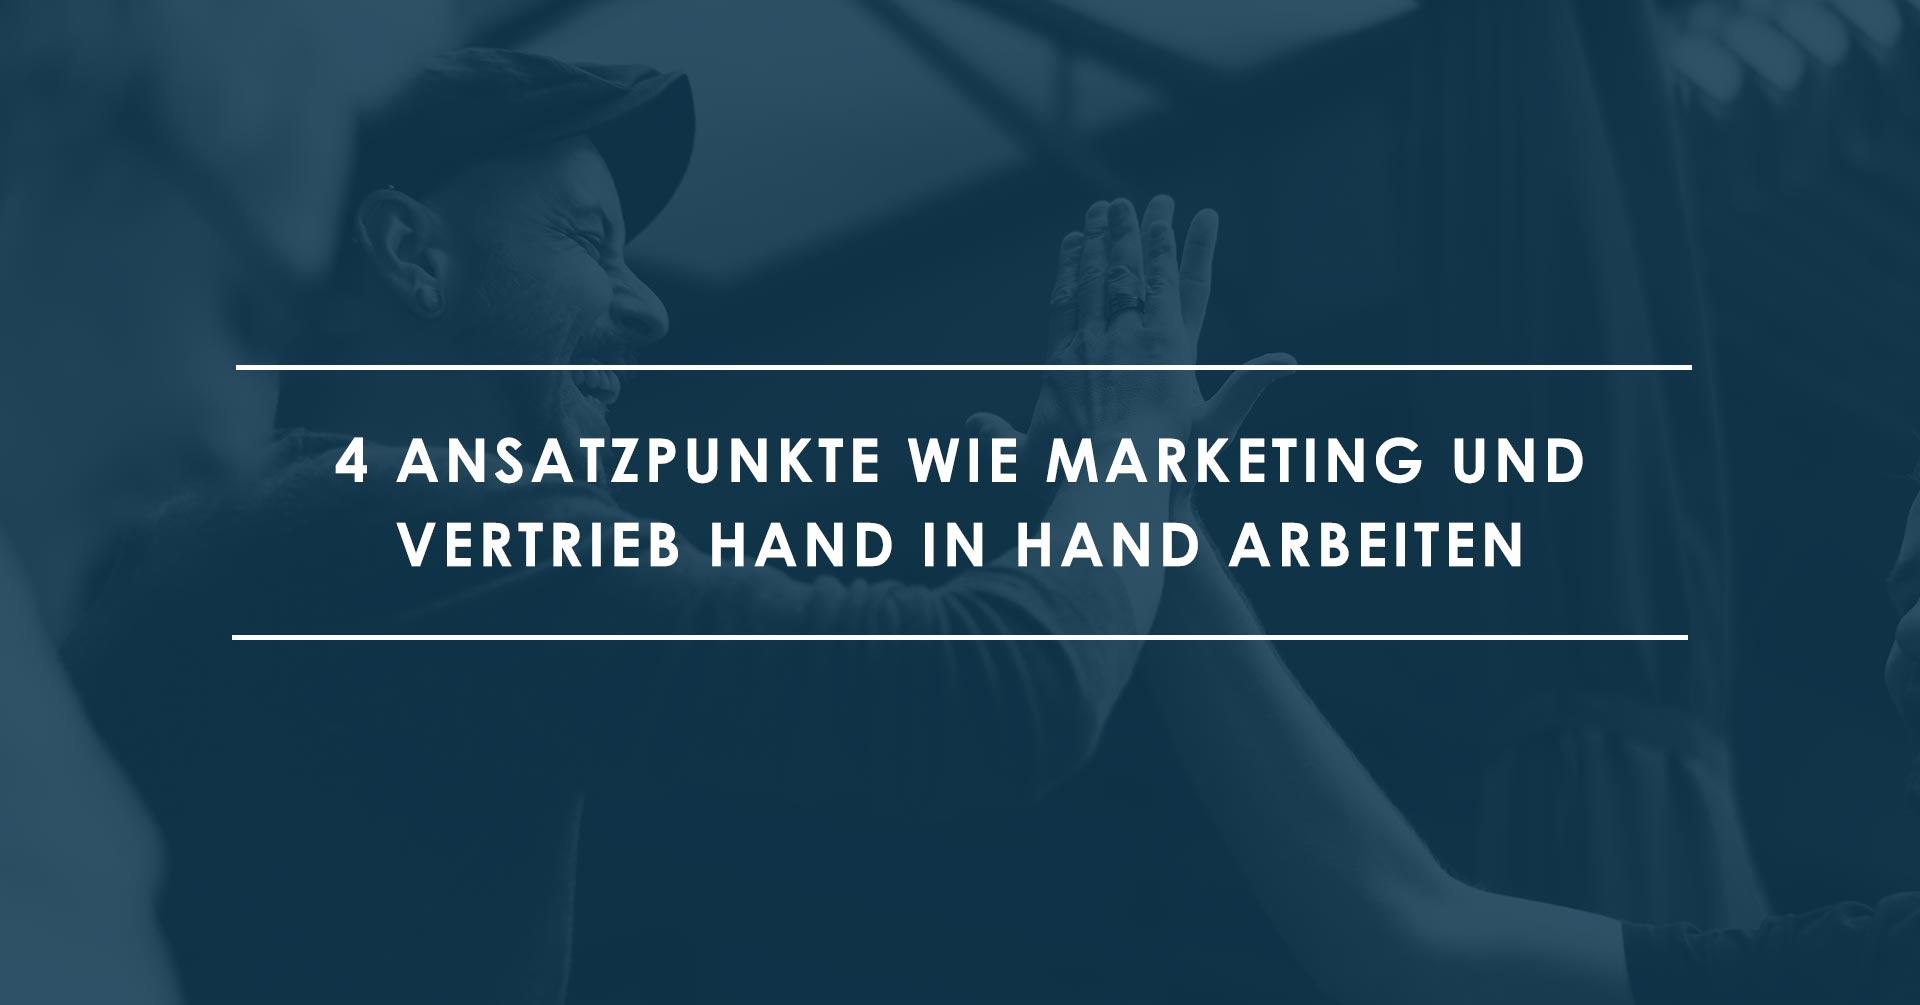 Marketing und Vertrieb ÔÇô 4 Ansatzpunkte fu╠êr eine erfolgreiche Zusammenarbeit